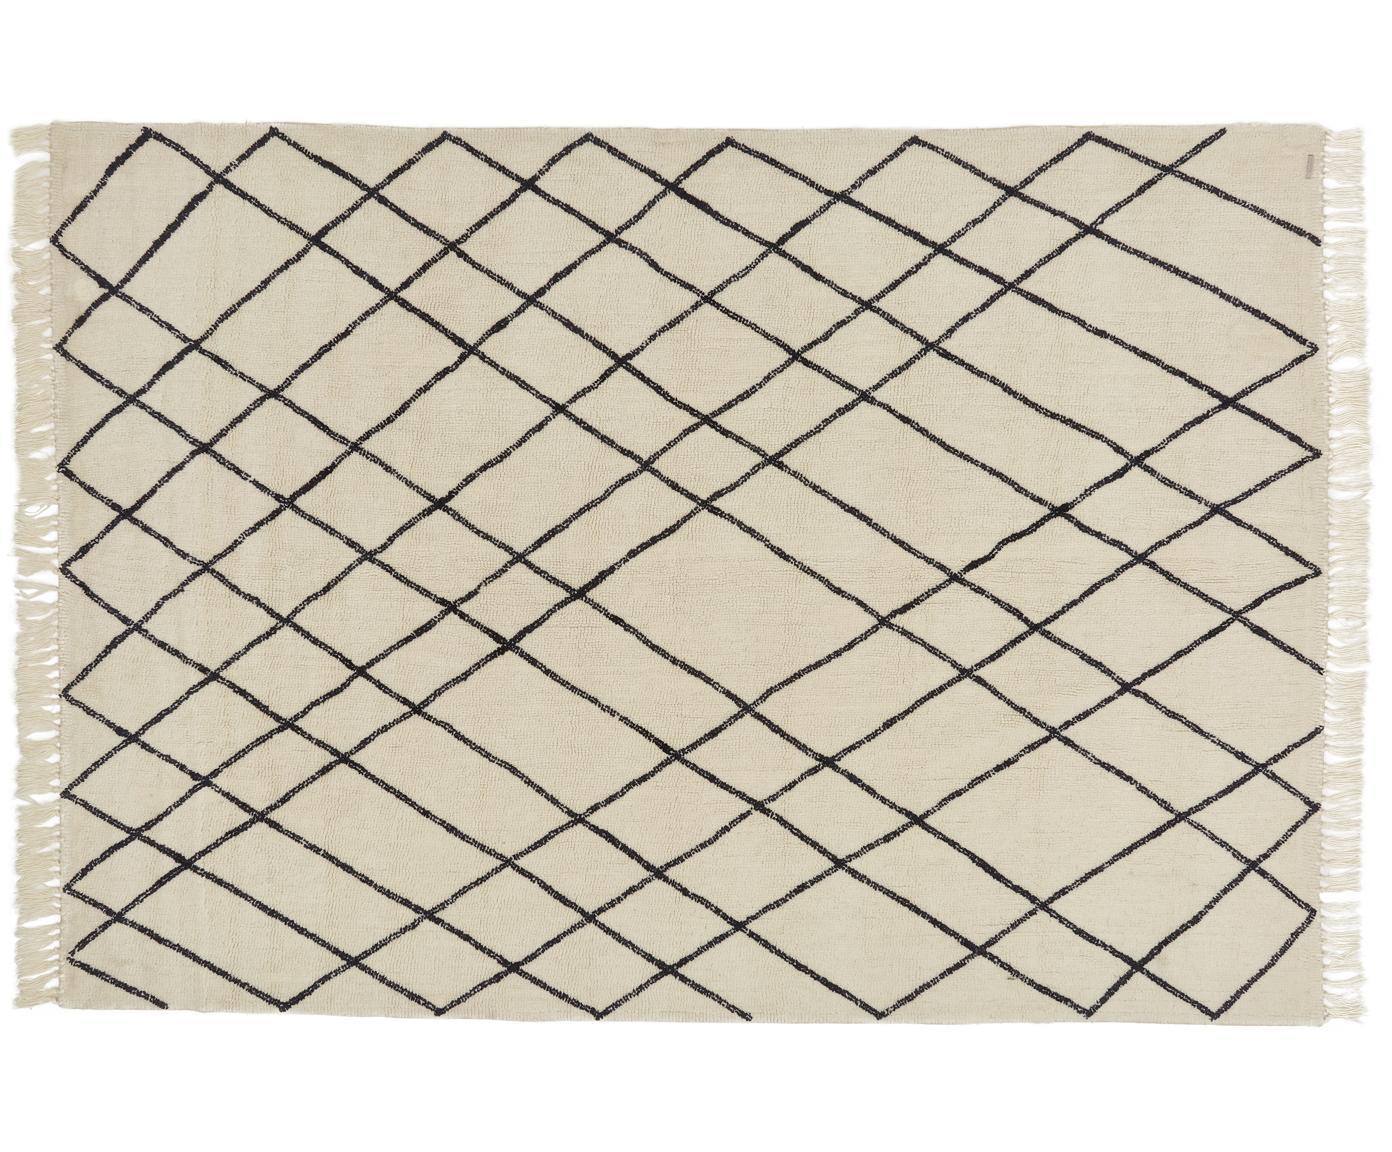 Wollteppich Graphic mit Rautenmuster, Creme, Schwarzes unregelmässiges Dekor, B 200 x L 300 cm (Grösse L)